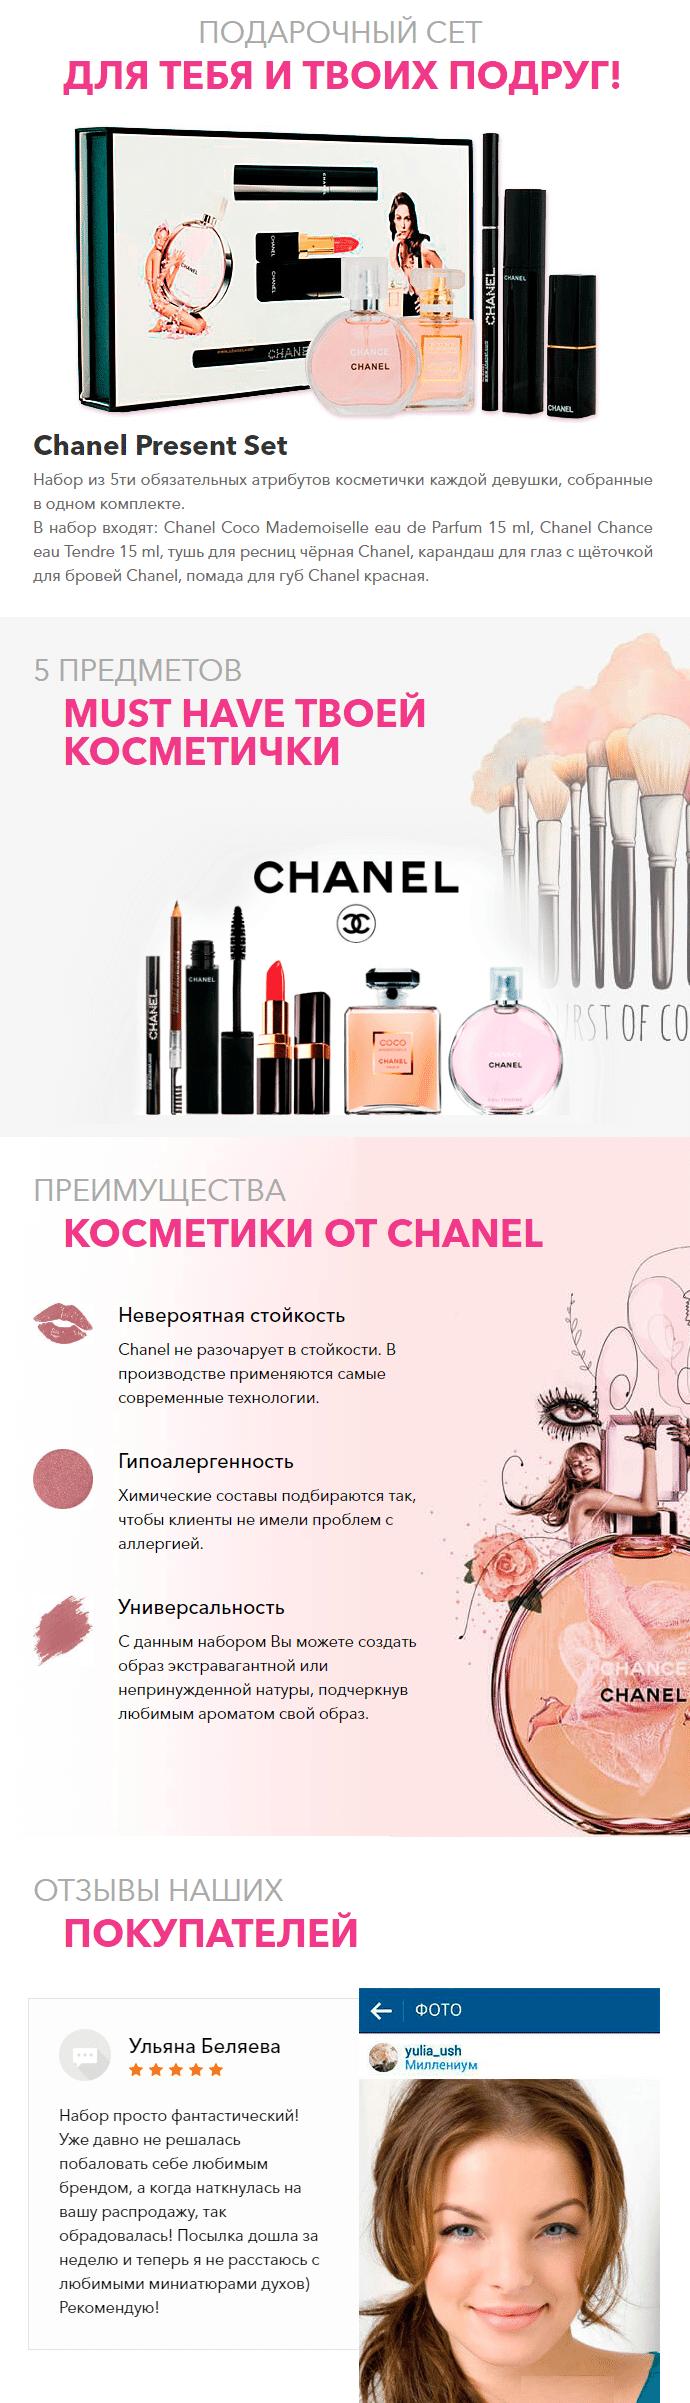 подарочный набор из 5 предметов Chanel Present Set купить